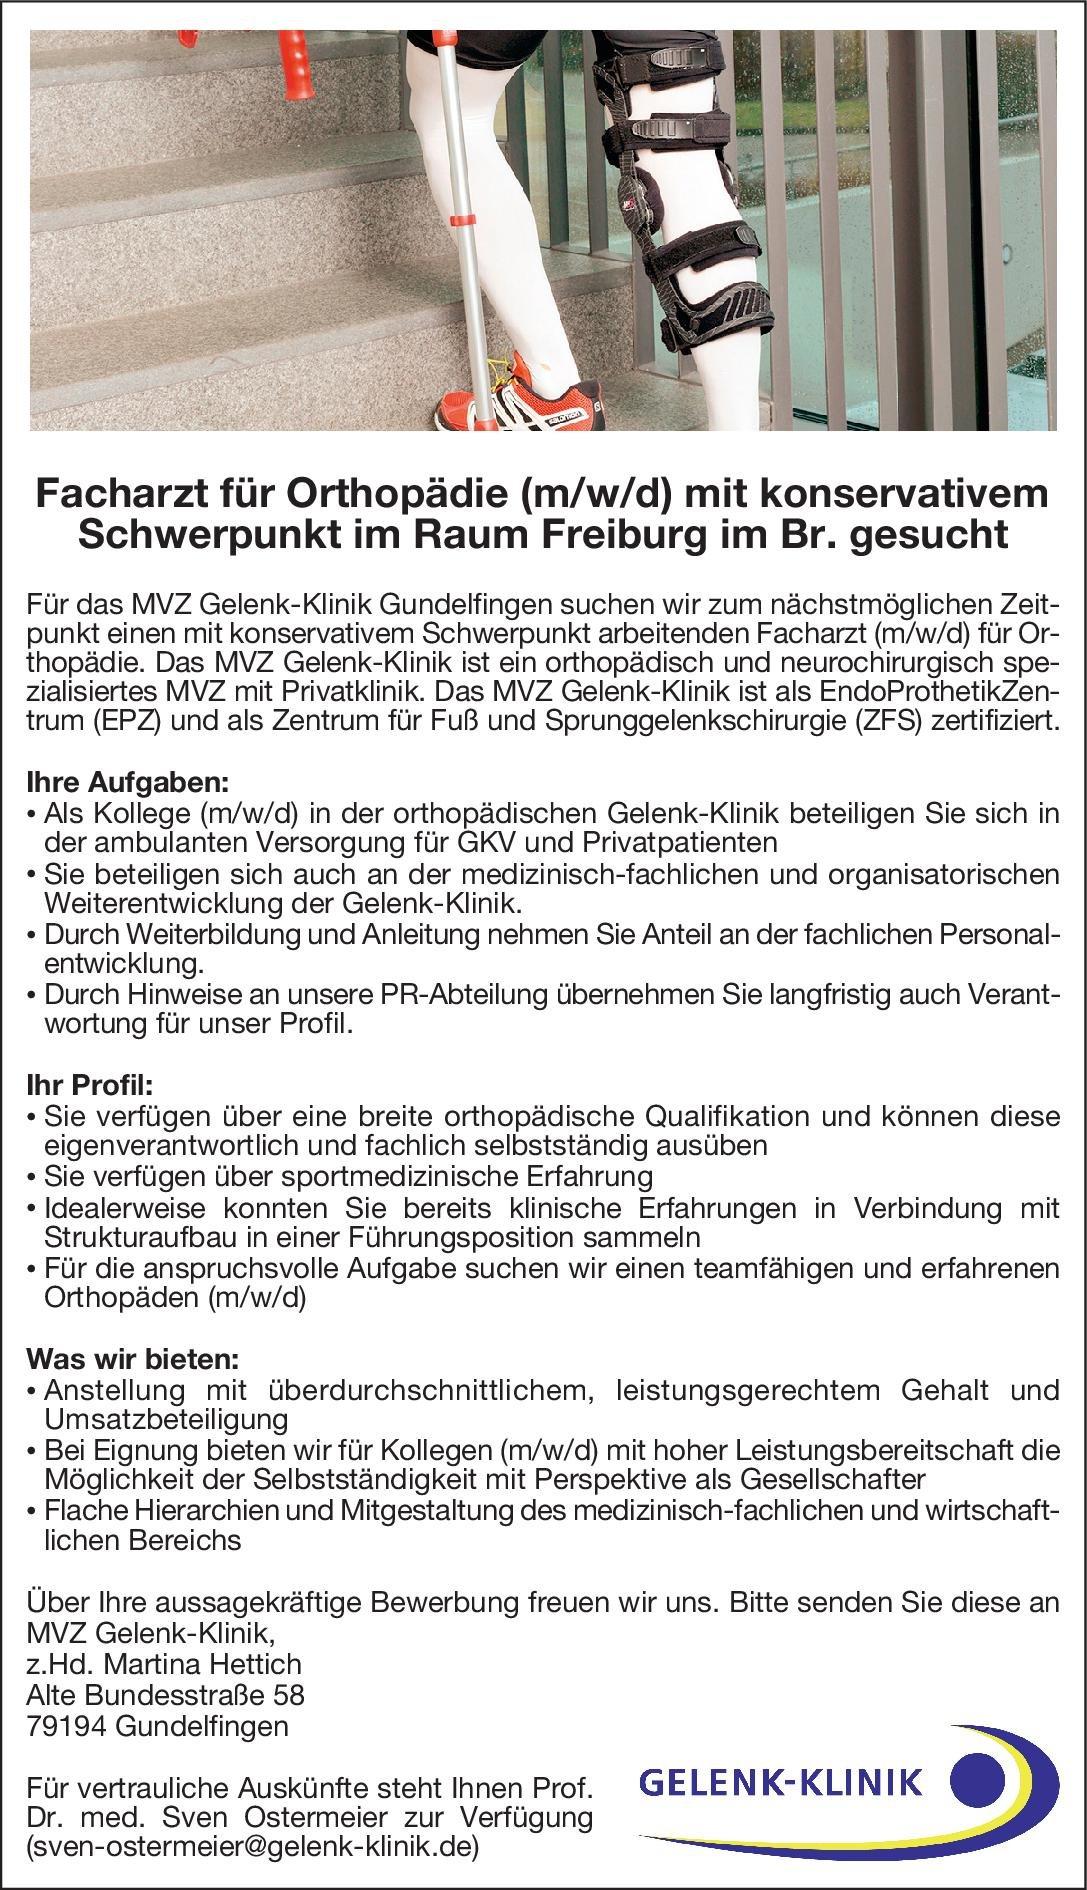 MVZ Gelenk-Klinik Gundelfingen Facharzt für Orthopädie (m/w/d) mit konservativem Schwerpunkt  Orthopädie und Unfallchirurgie, Chirurgie Arzt / Facharzt